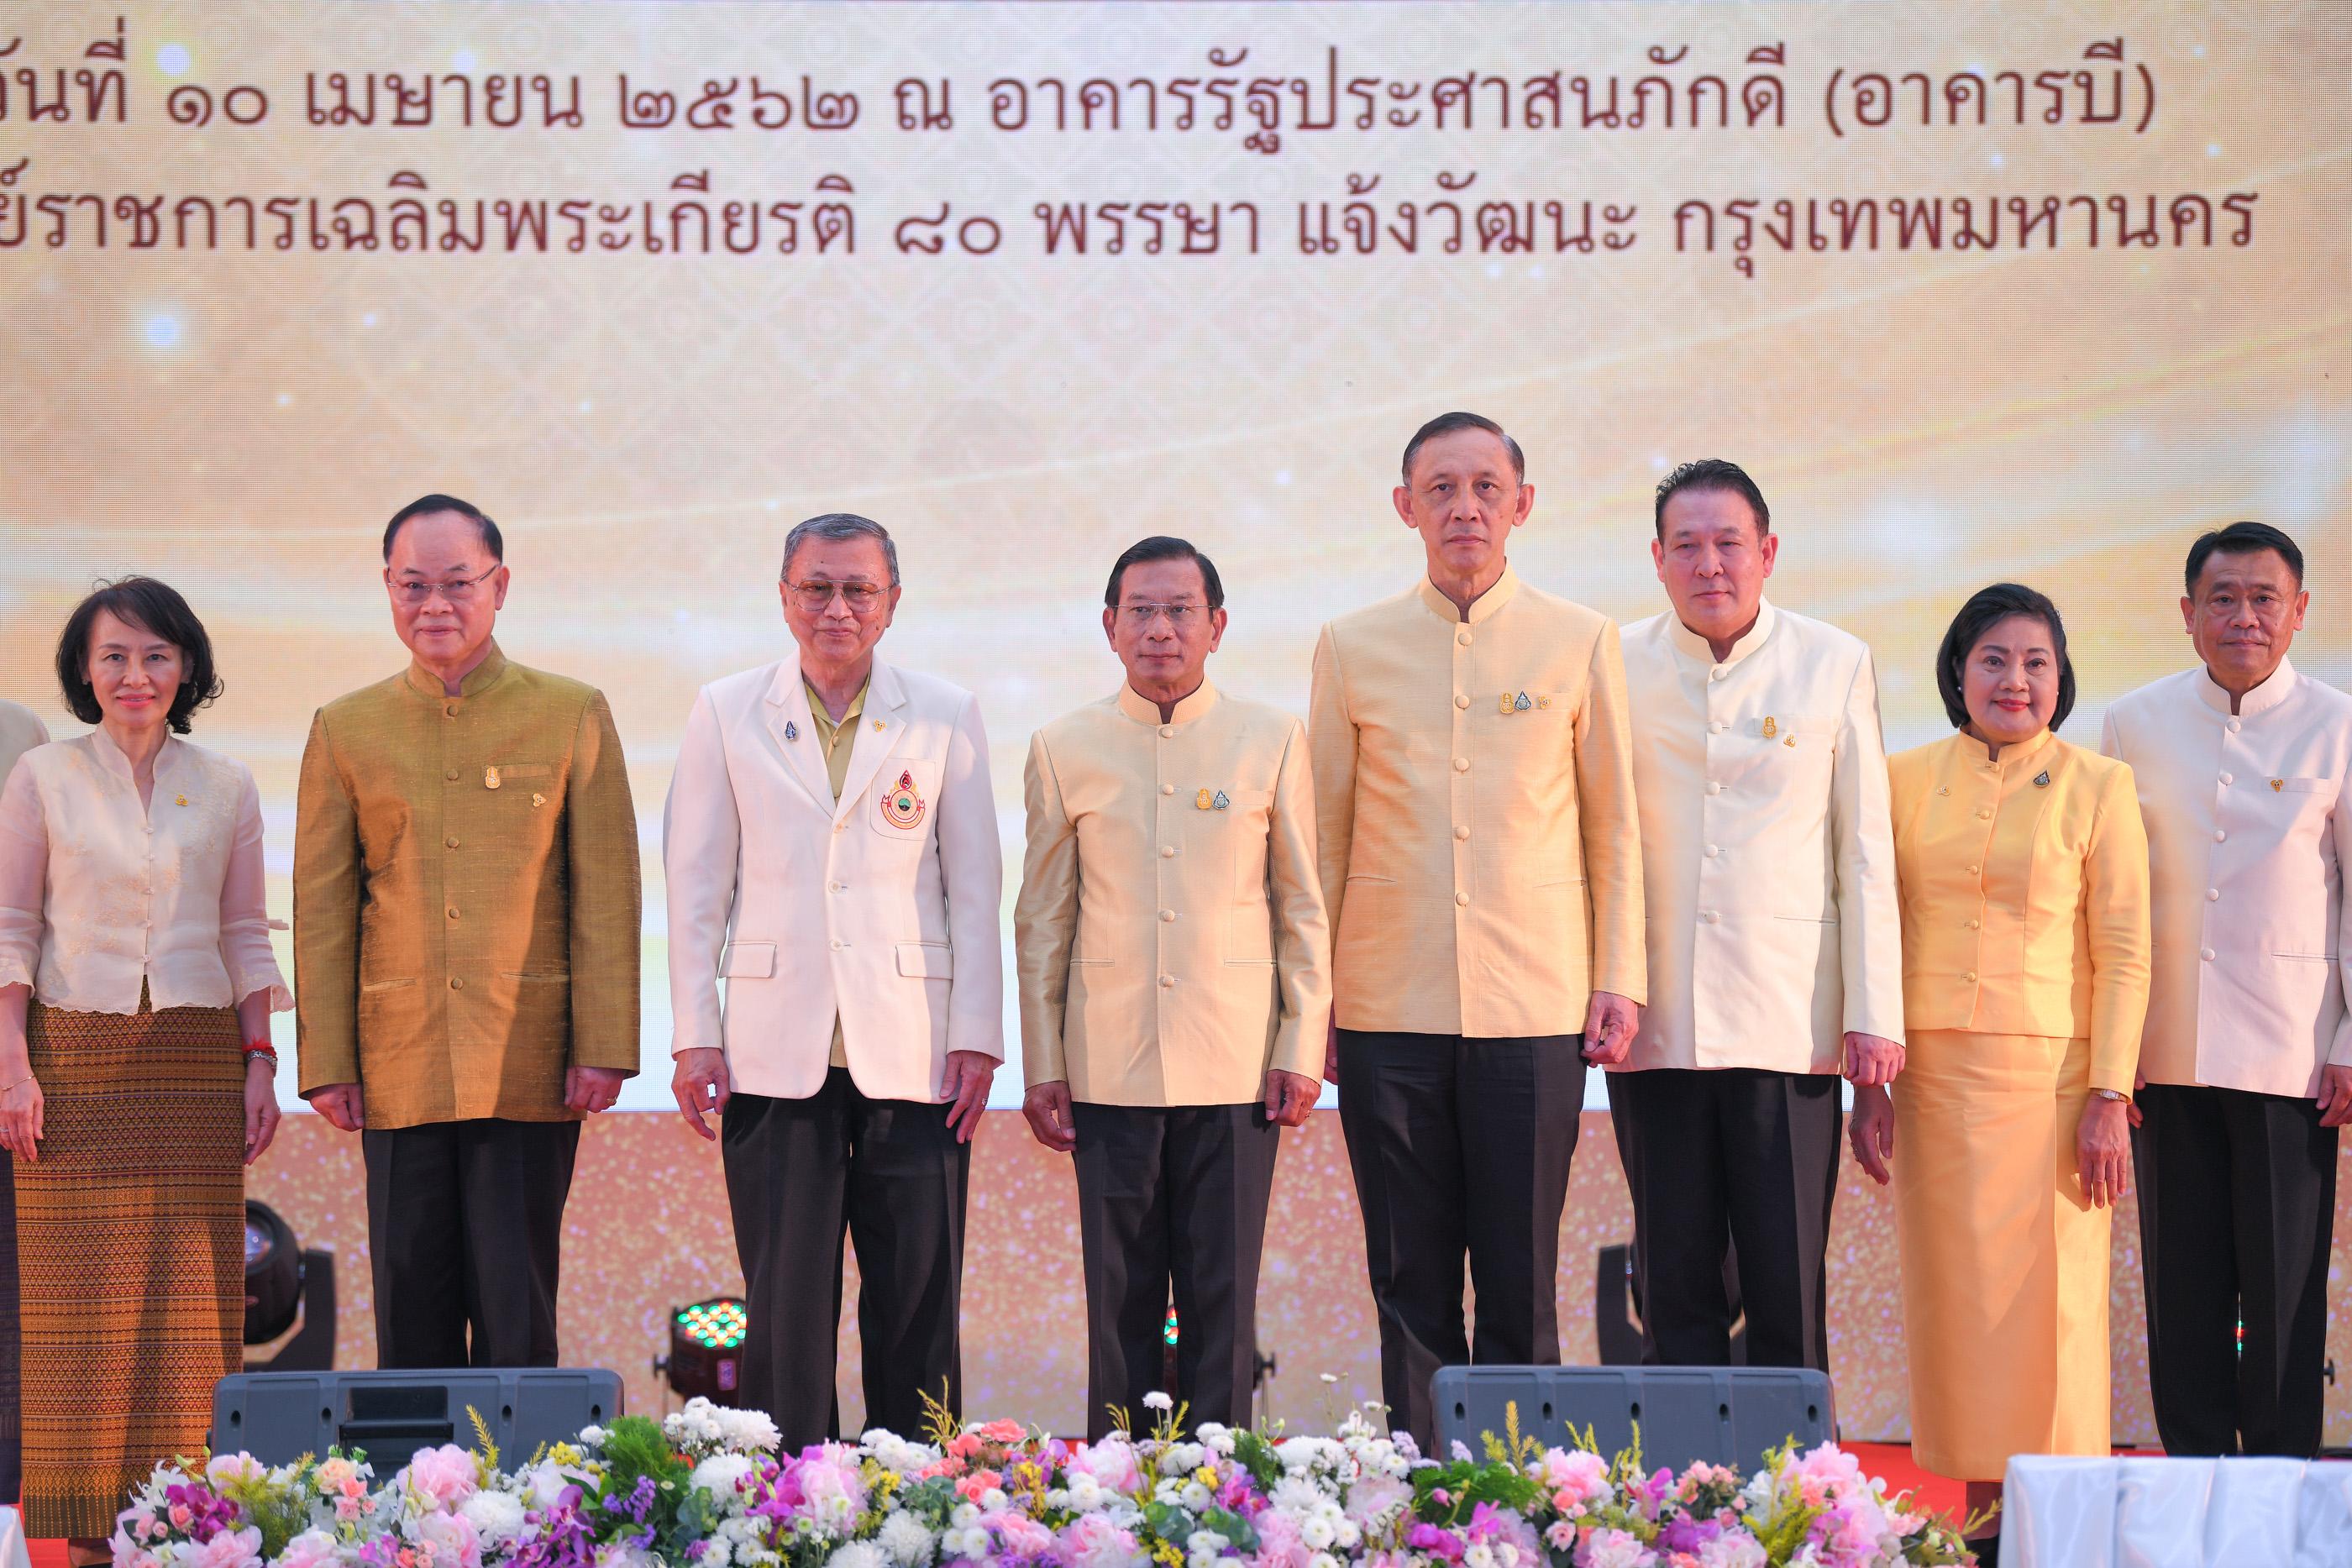 วันผู้สูงอายุแห่งชาติ 2562 'ก้ม กราบ กอด สังคมผู้สูงอายุไร้ความรุนแรง' thaihealth